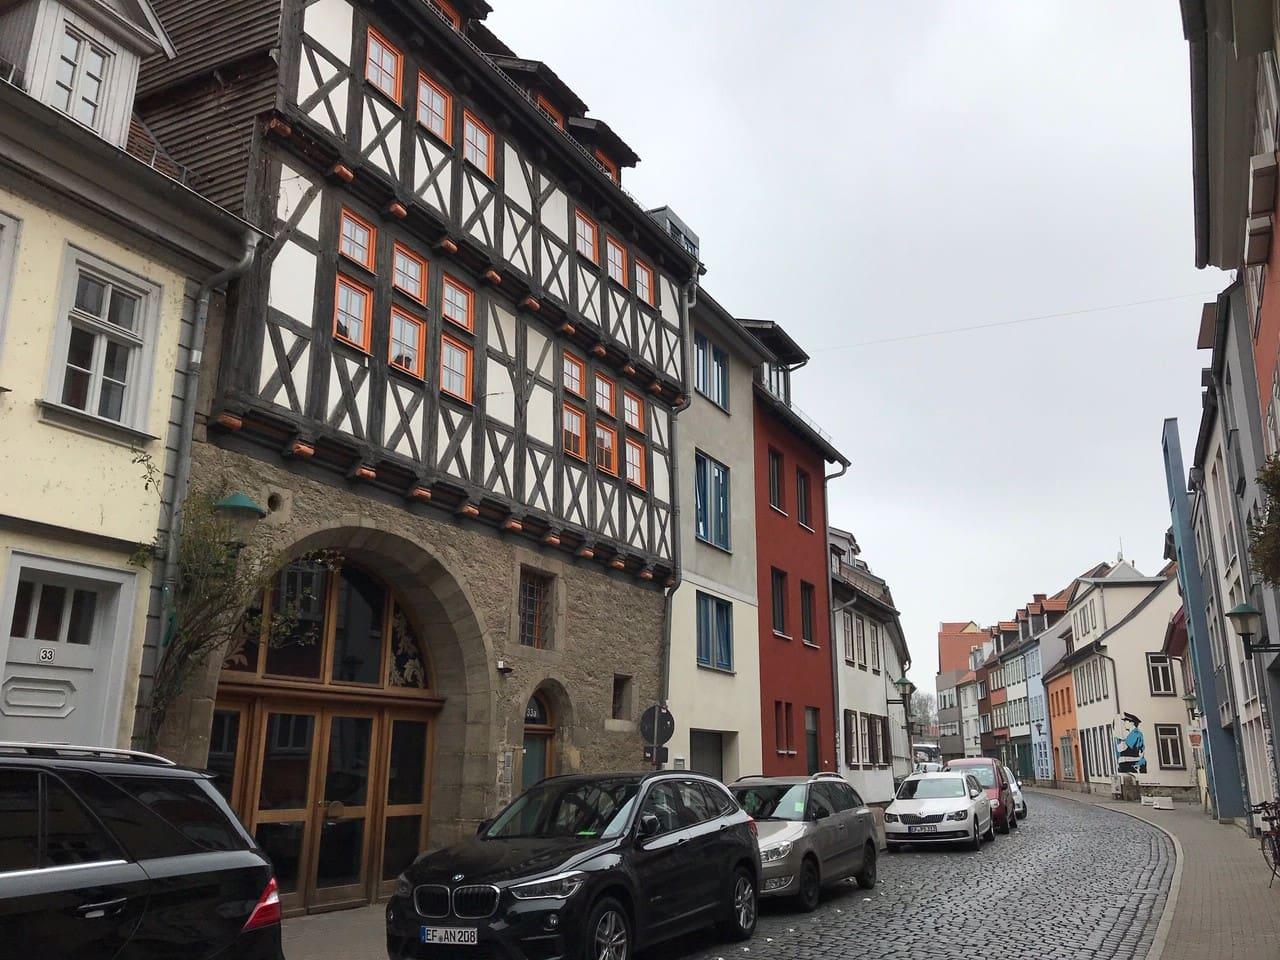 2 Minuten zum Domplatz, mitten in der Altstadt